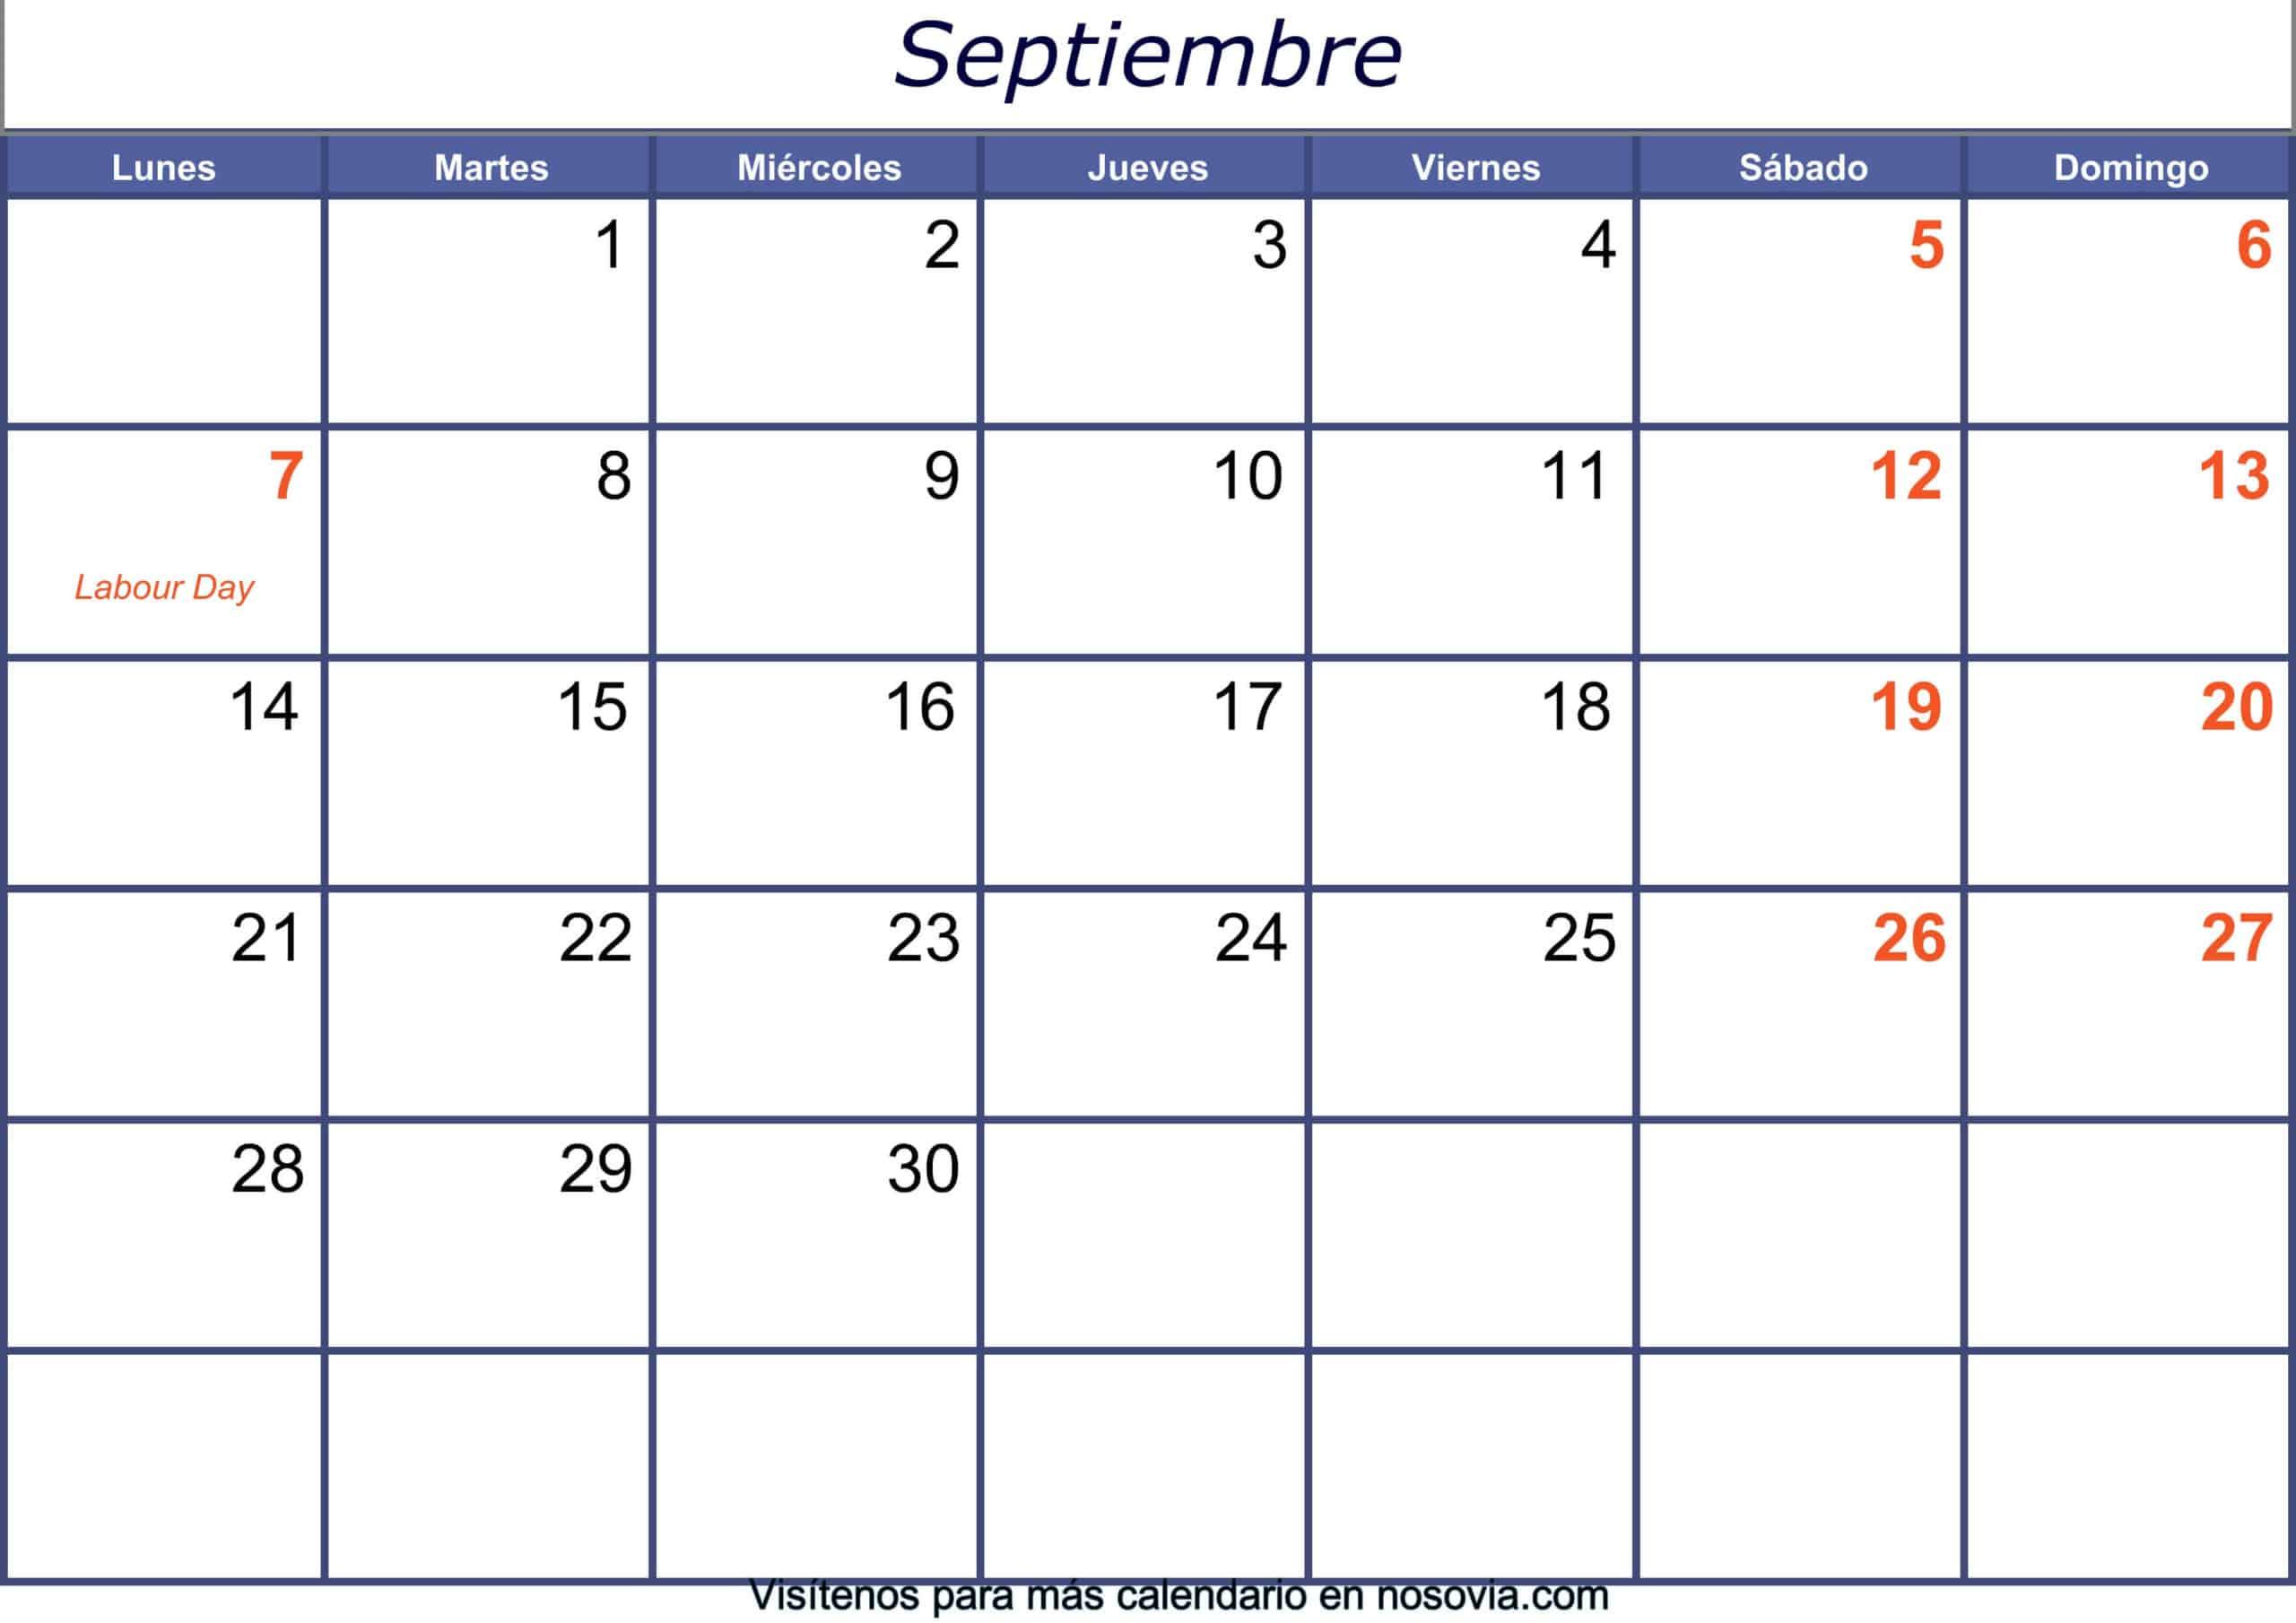 Calendario-septiembre-2020-con-festivos-para-imprimir